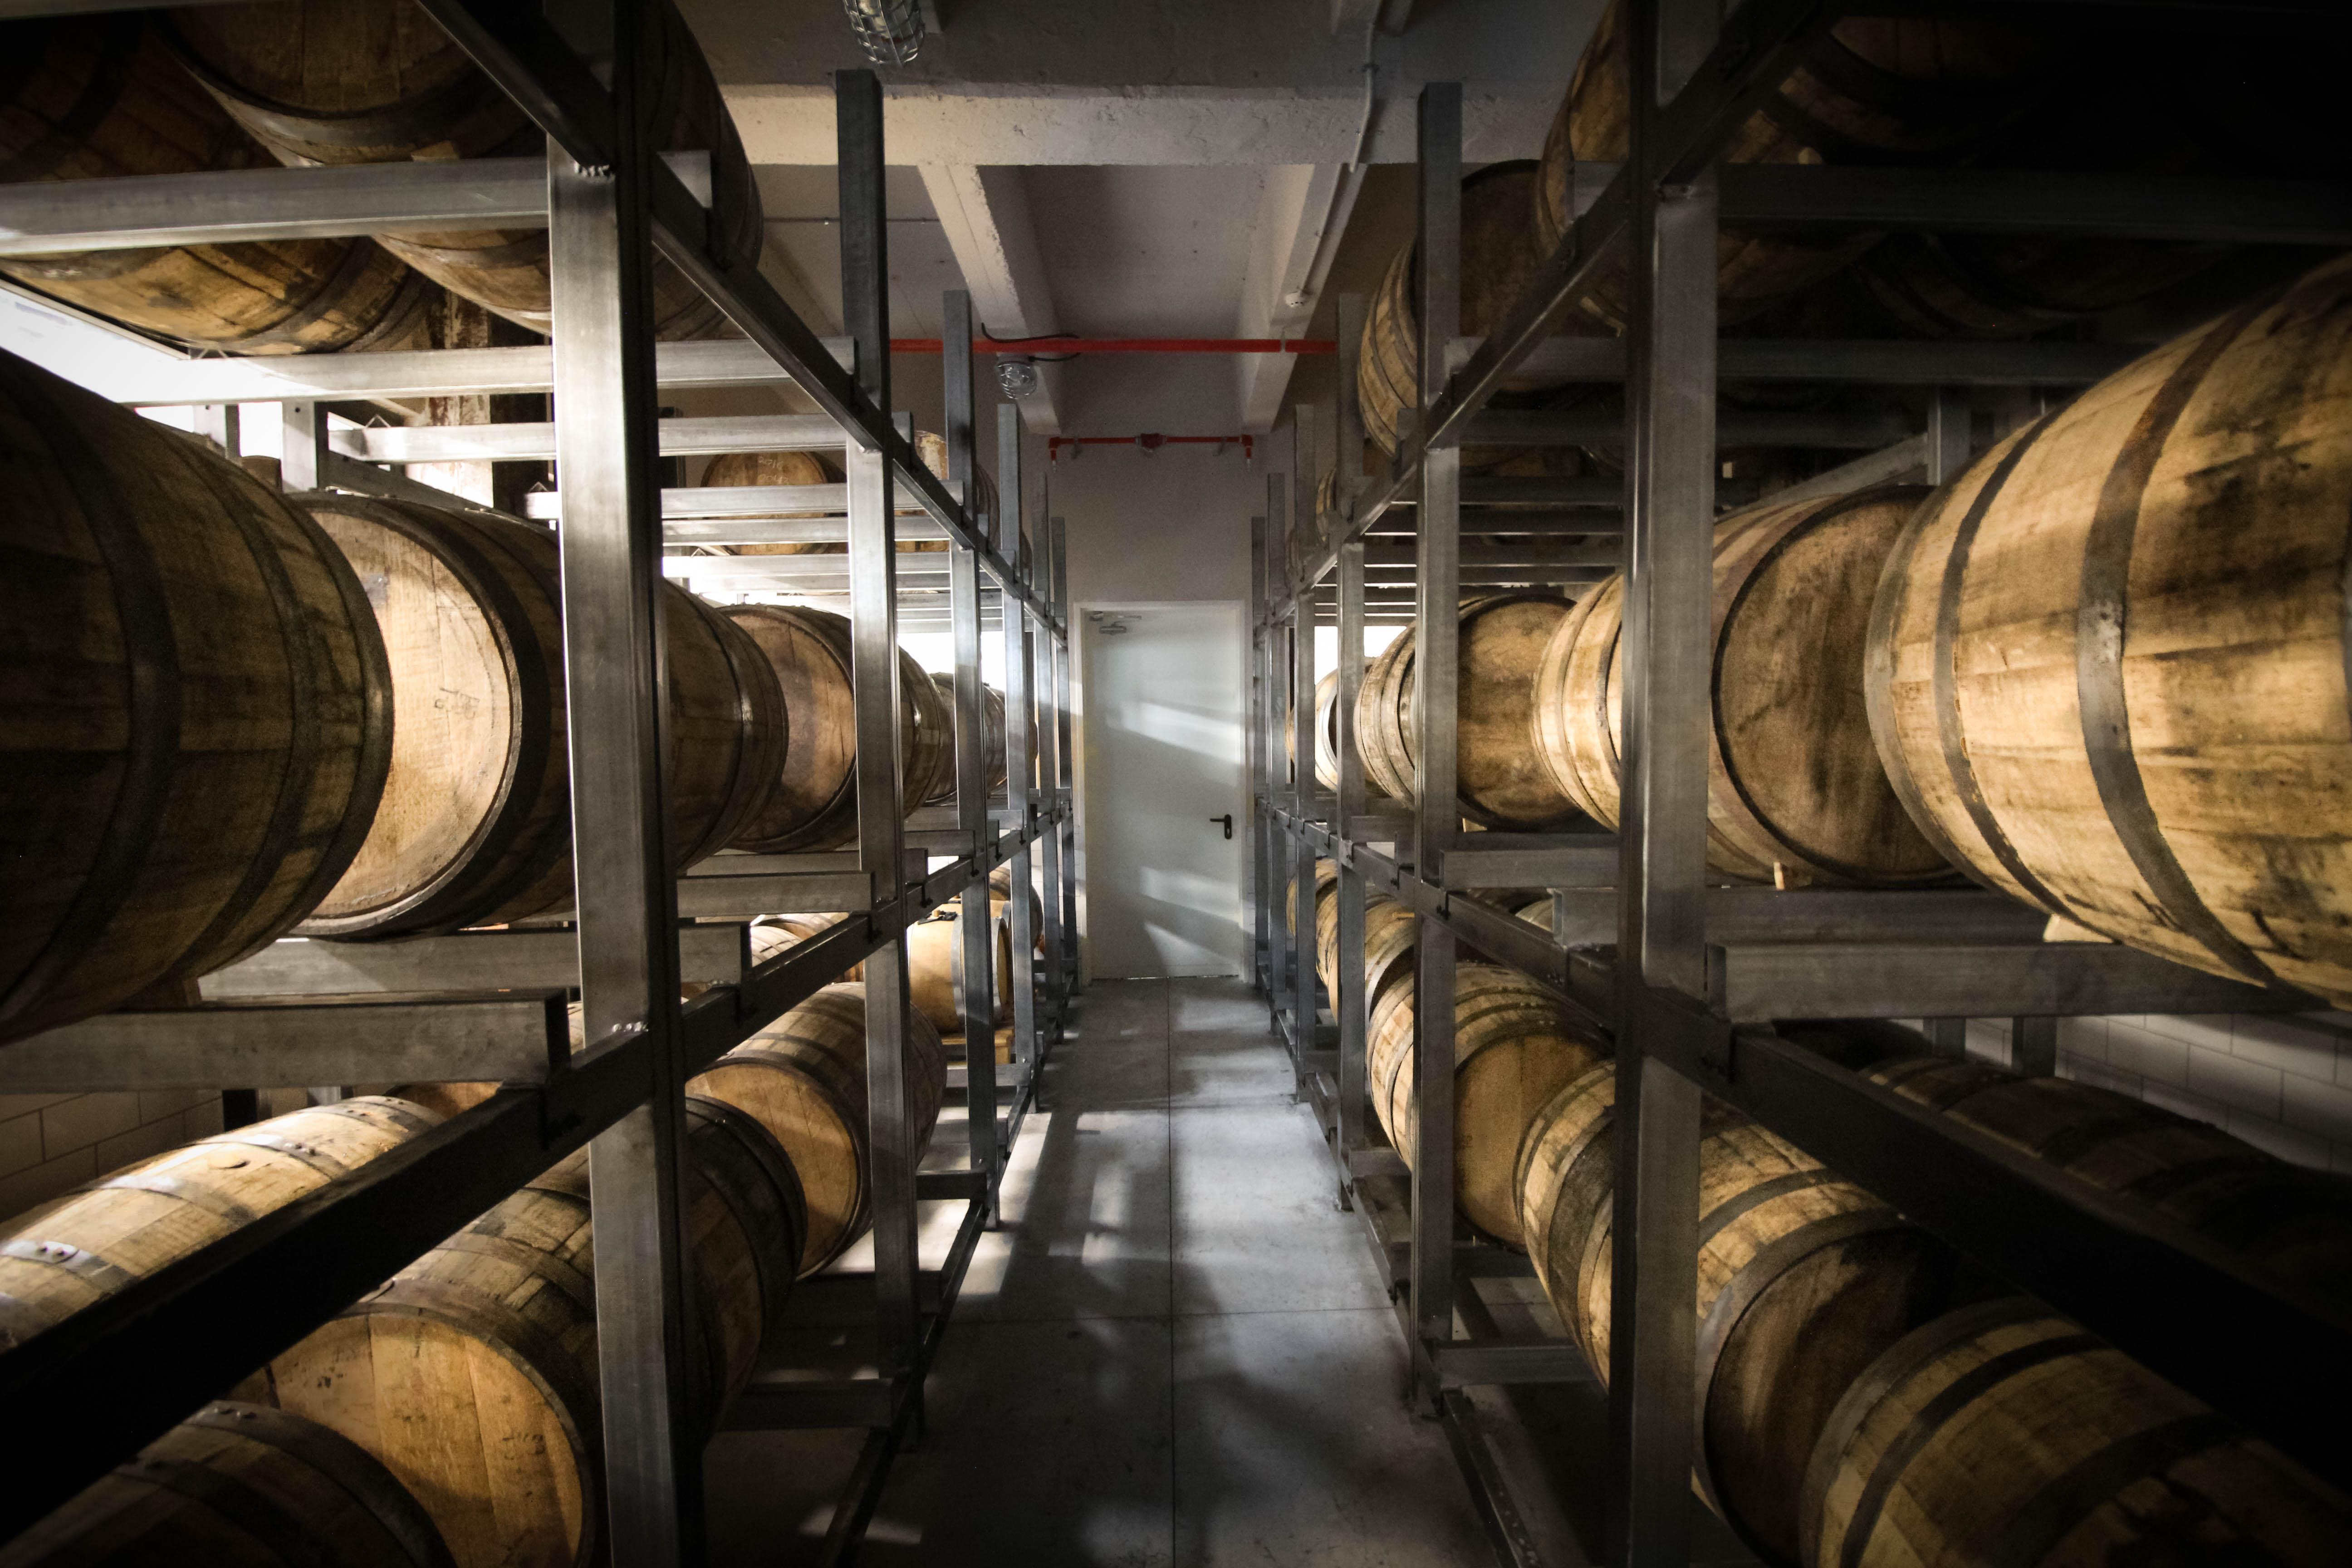 סיור במזקקת הוויסקי הראשונה - מילק אנד האני (צילום: ליאור גולדסאד) (צילום: ליאור גולדסאד)